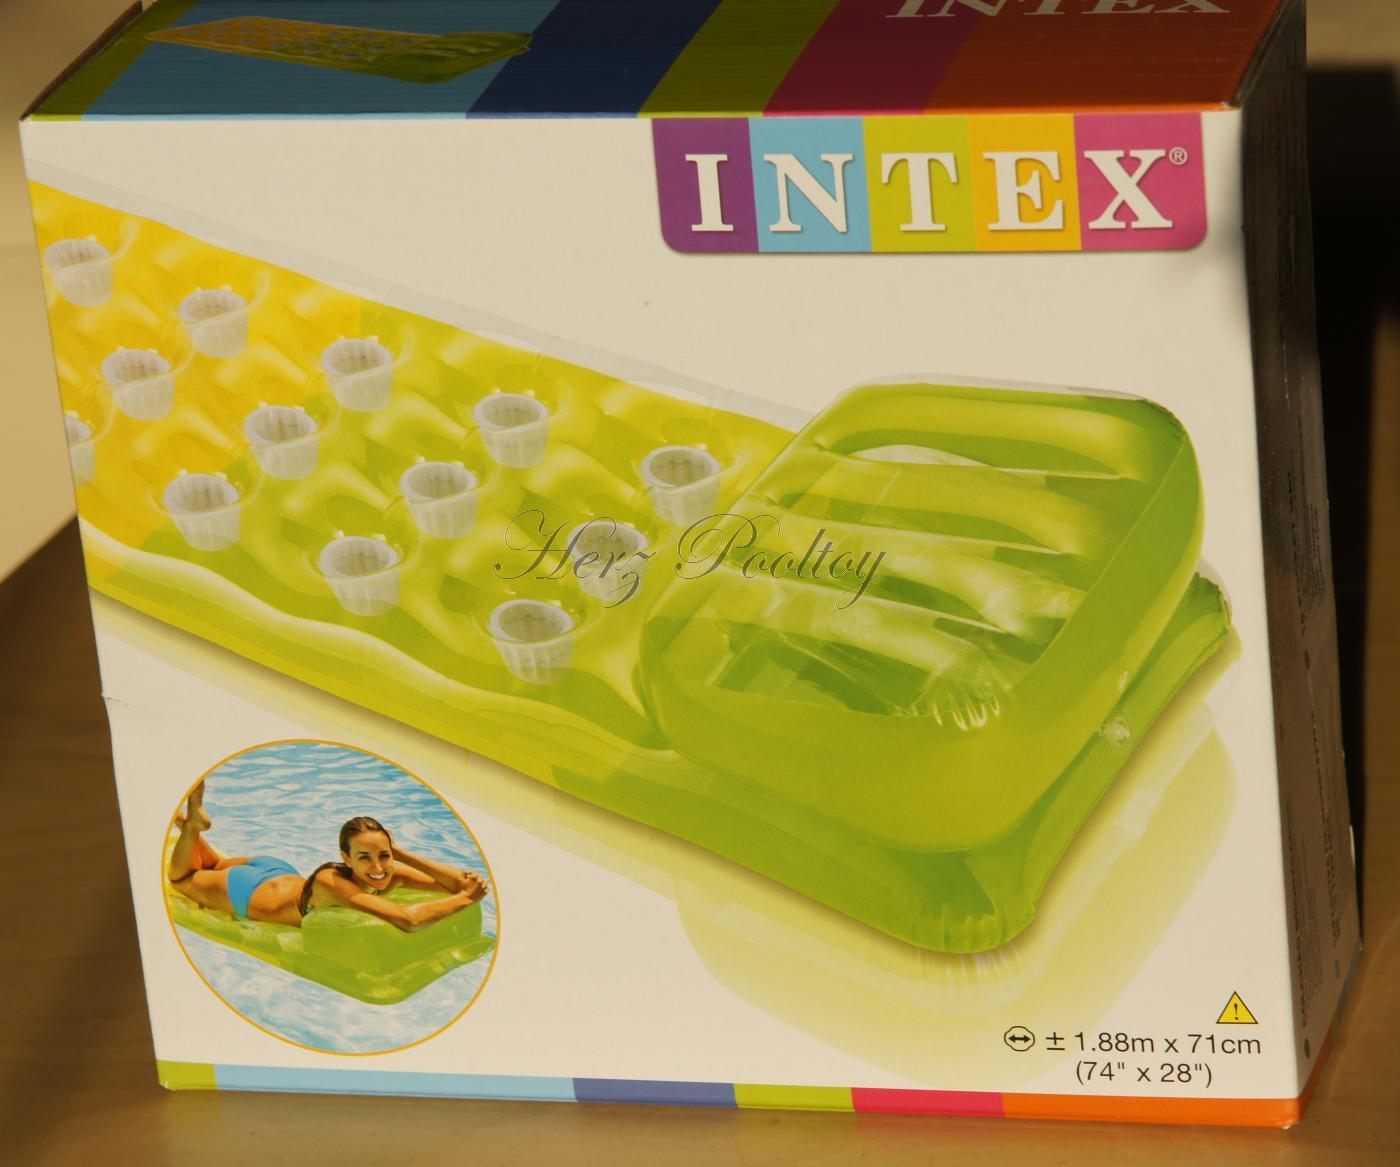 Aufblasbare Luftmatratze INTEX Pocket Lounge Grün ~188×72 cm – Herz ...